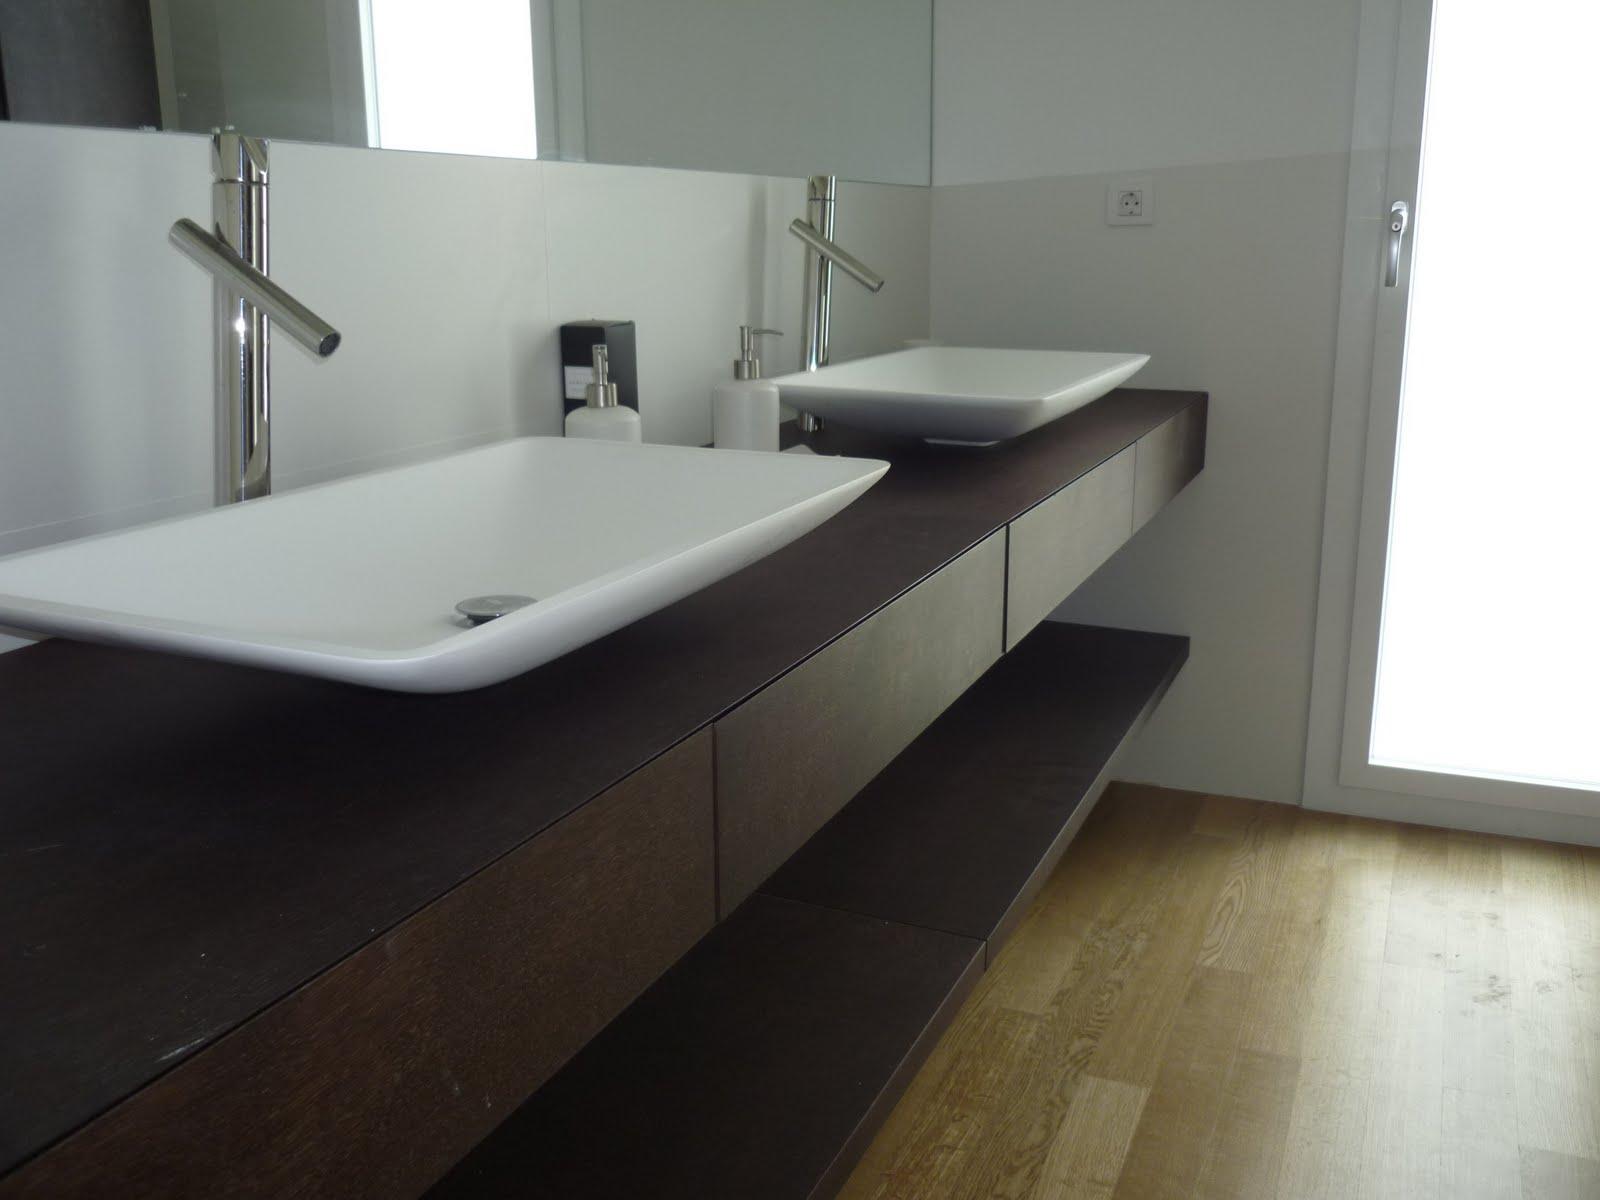 Ba o i encimeras wengue terral muebles a medida y - Encimeras lavabos bano ...